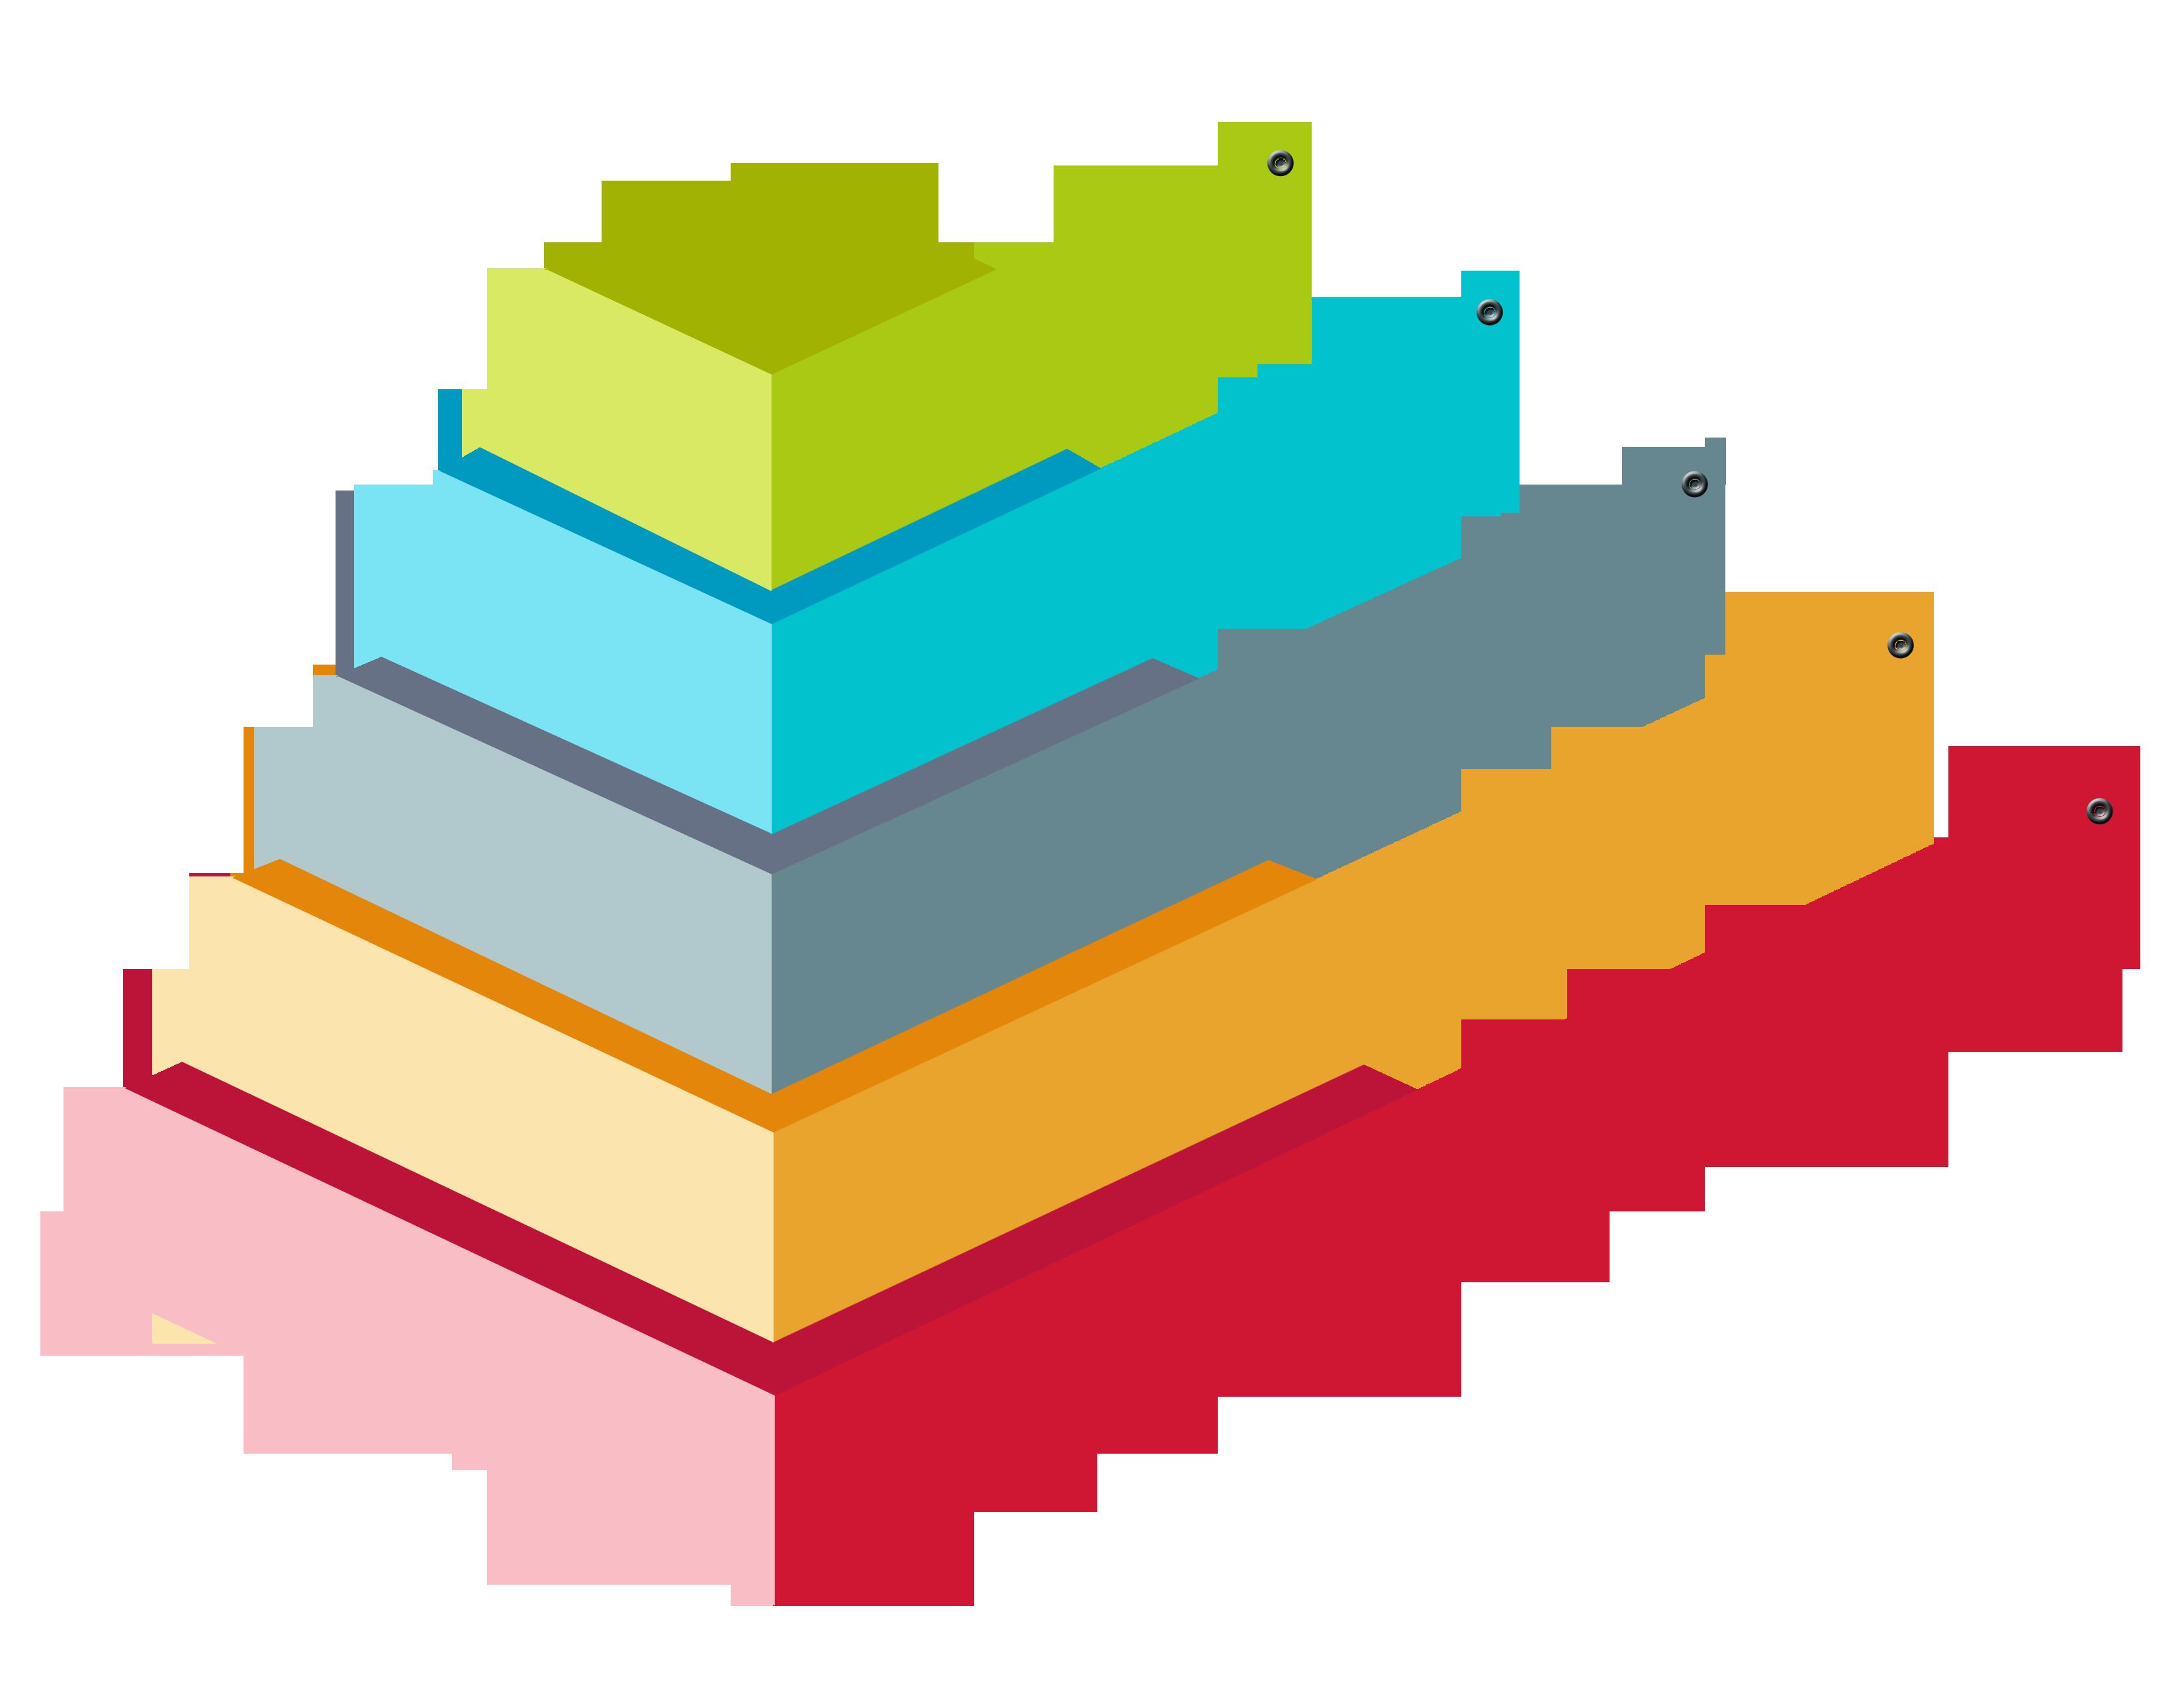 drdietman piramida dobrego zywienia - Piramida Dobrego Odżywiania w Programie DrDietman - czym jest i do czego służy?